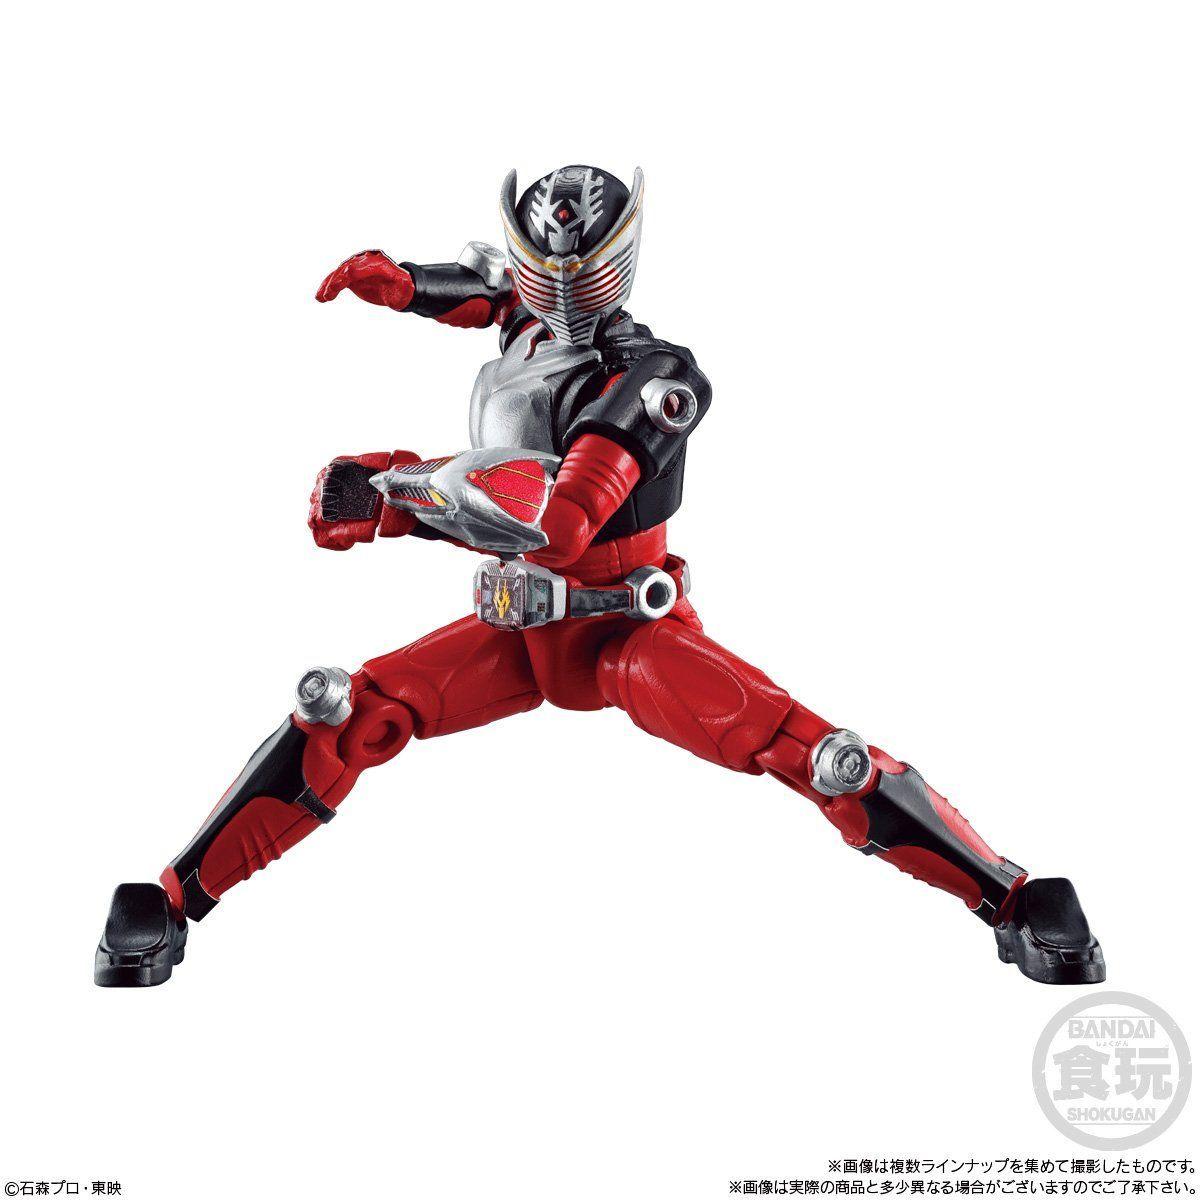 【食玩】SO-DO CHRONICLE『仮面ライダー龍騎』10個入りBOX-010